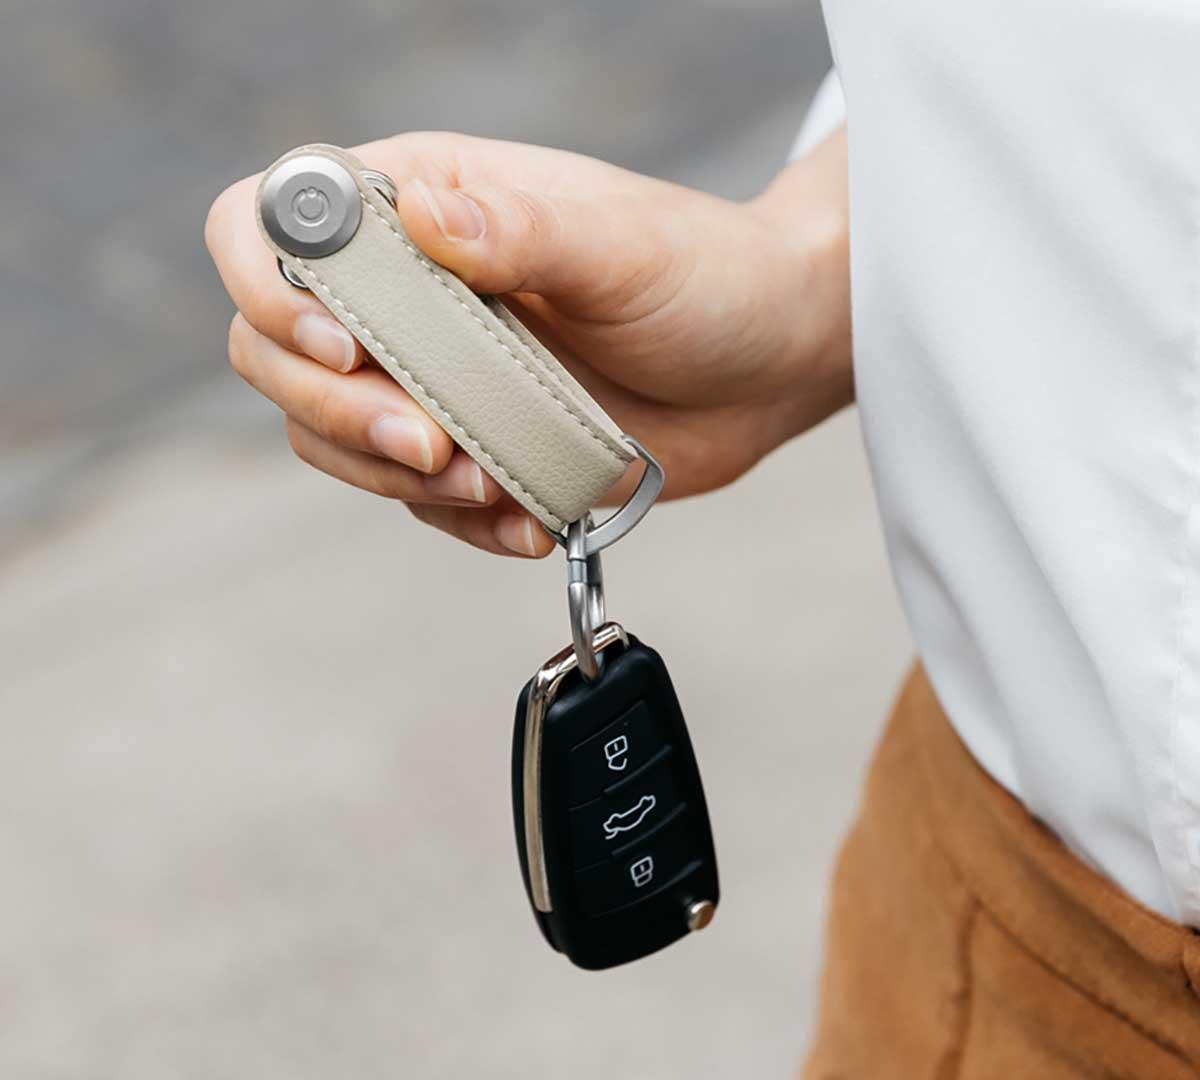 鍵を取り出しやすいユニバーサルデザインを実現。慣れれば、片手で鍵を出し入れできます。サボテンから生まれたエコレザーのキーホルダー(キーケース)|ORBITKEY(オービットキー)